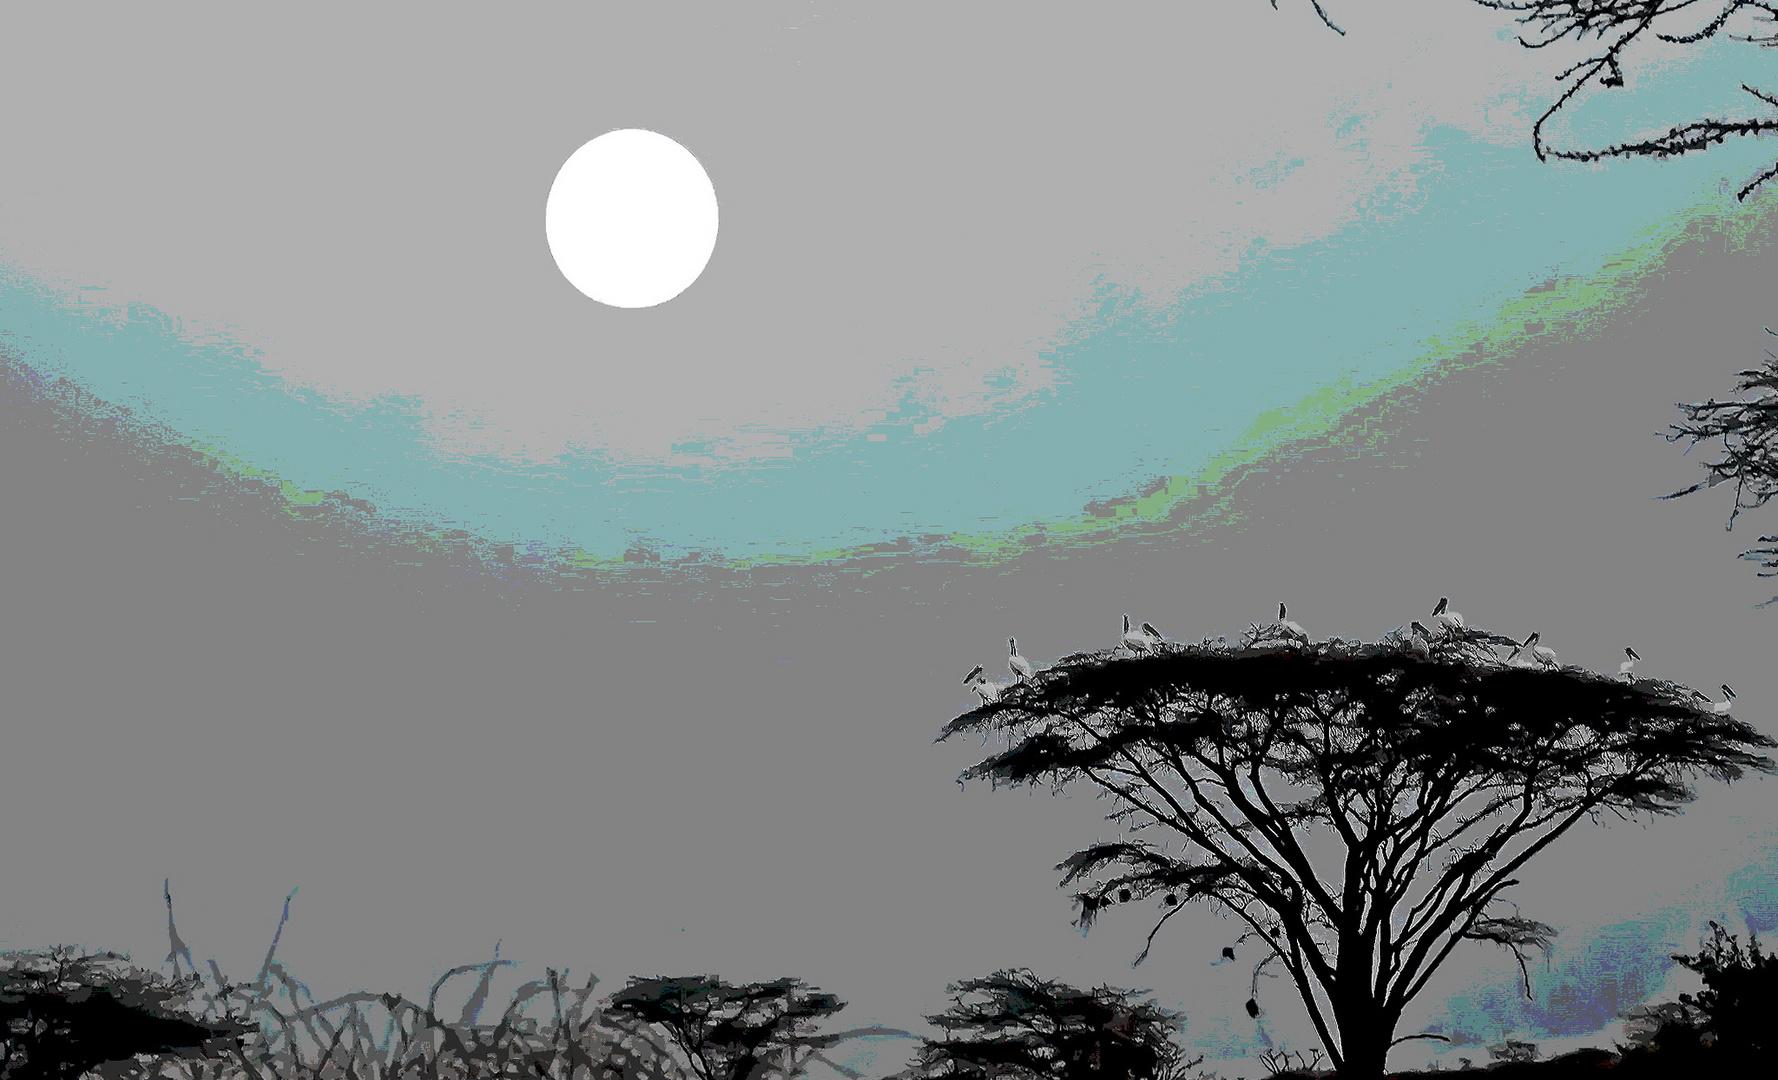 Afrika ! Pelikane im Mondlicht. Spielerei.